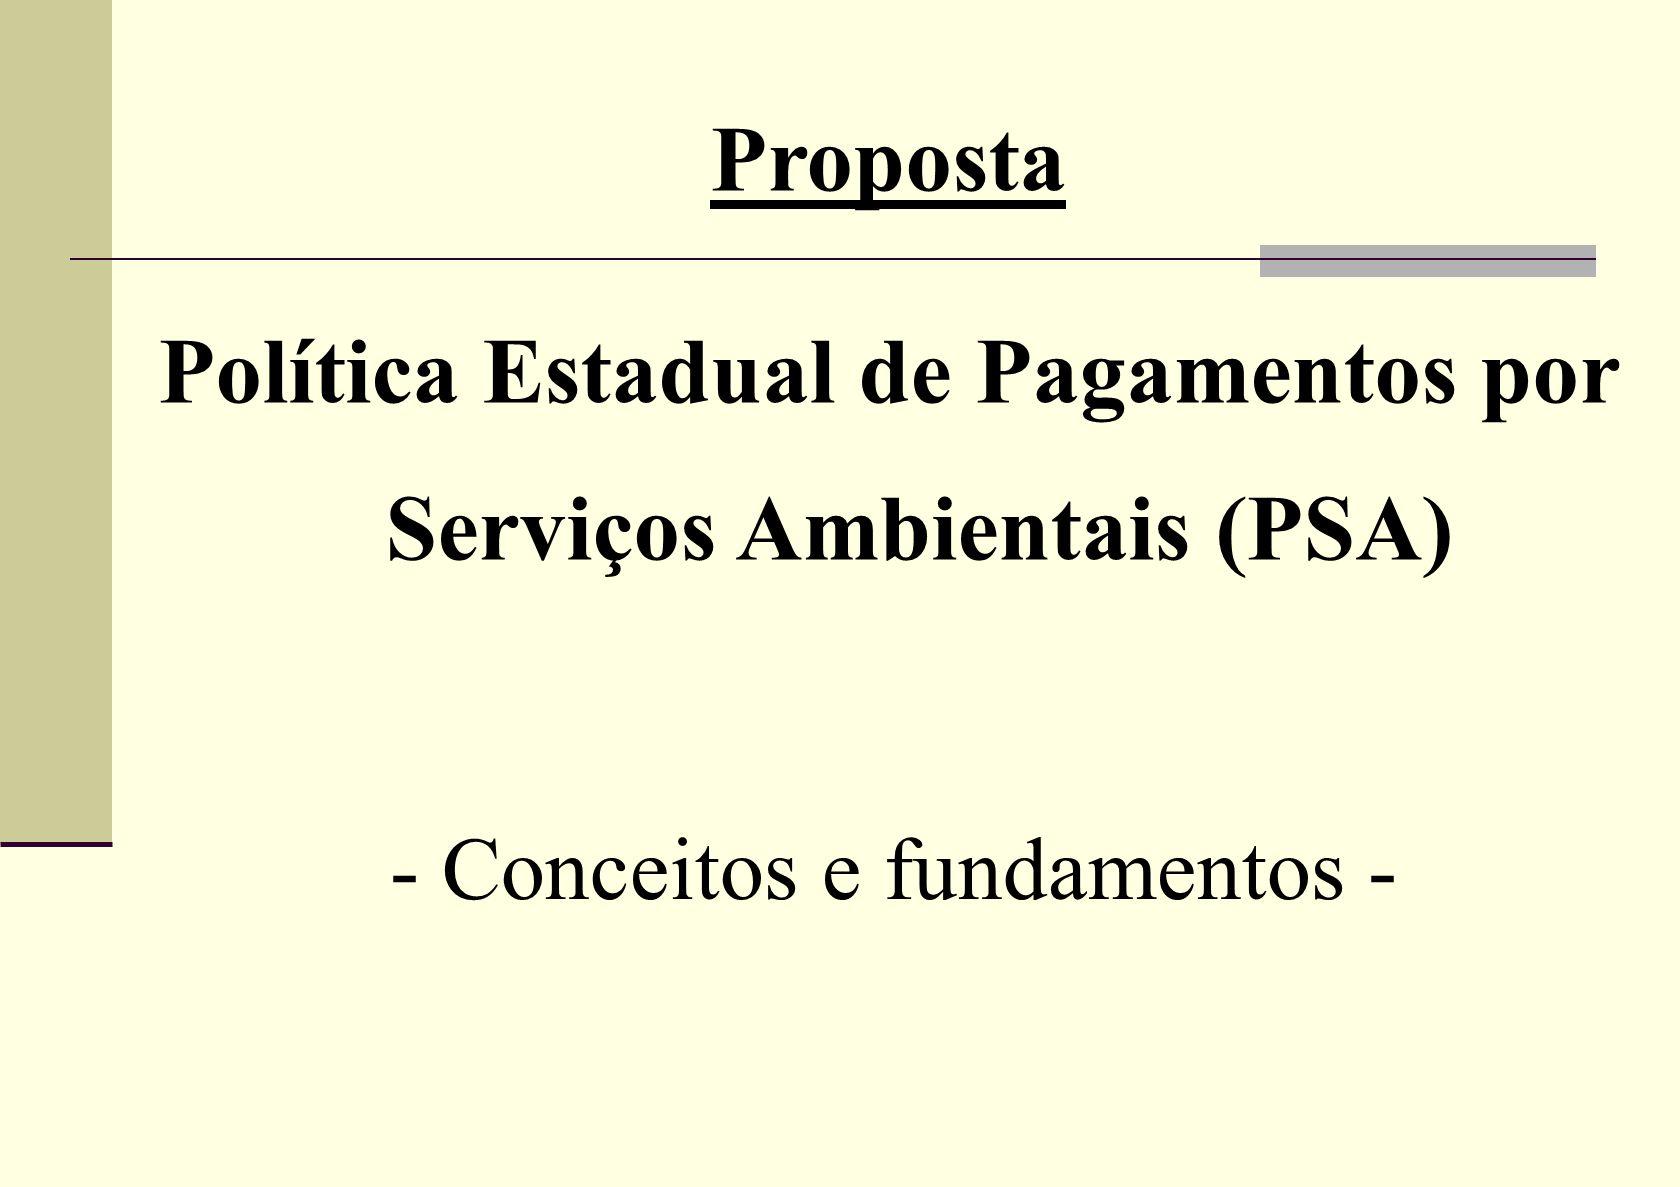 Política Estadual de Pagamentos por Serviços Ambientais (PSA)